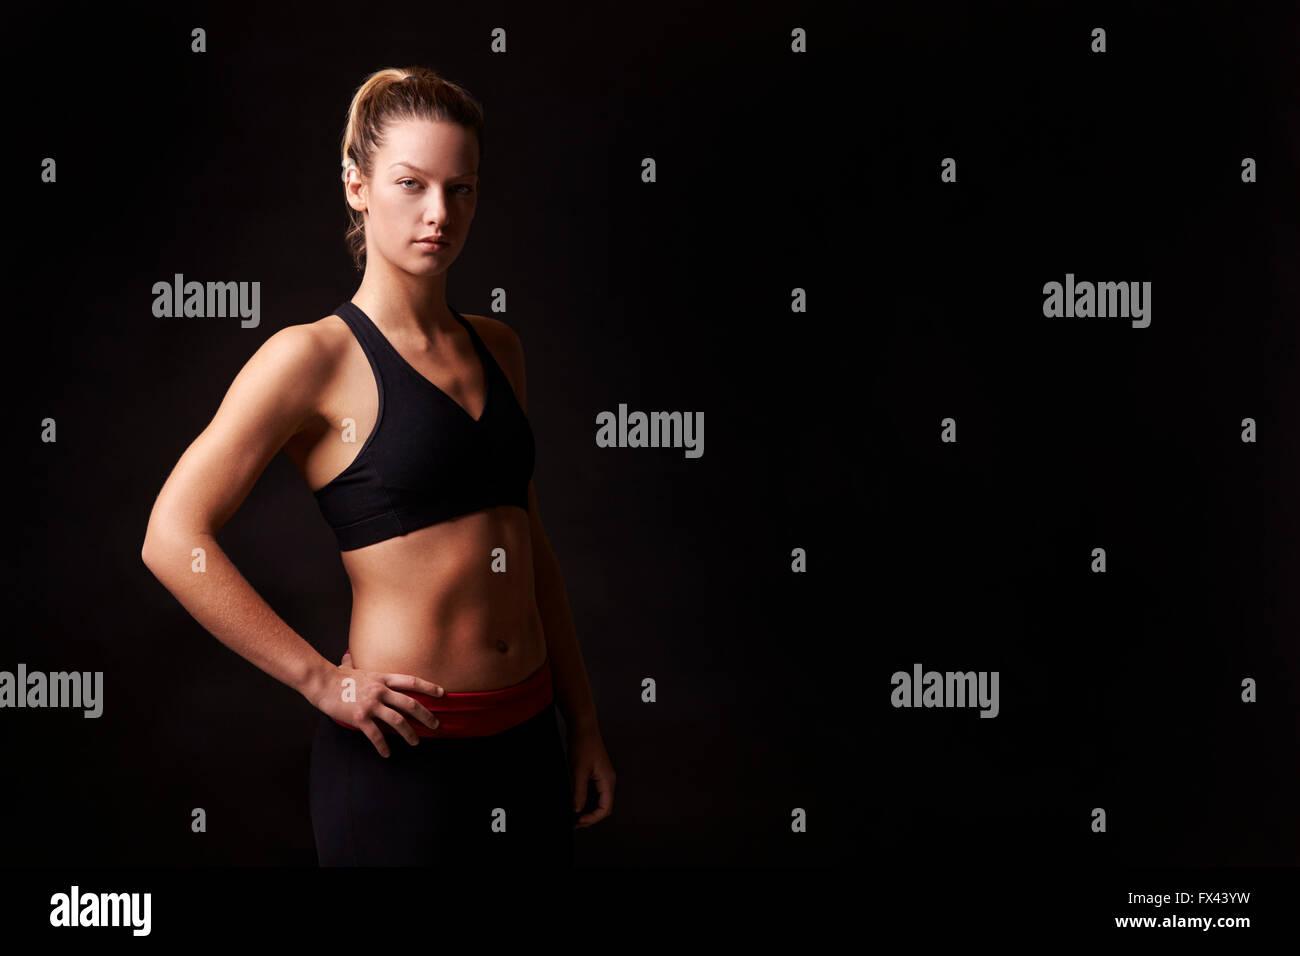 Athletic mujer rubia mirando a la cámara, de la cintura hacia arriba Imagen De Stock